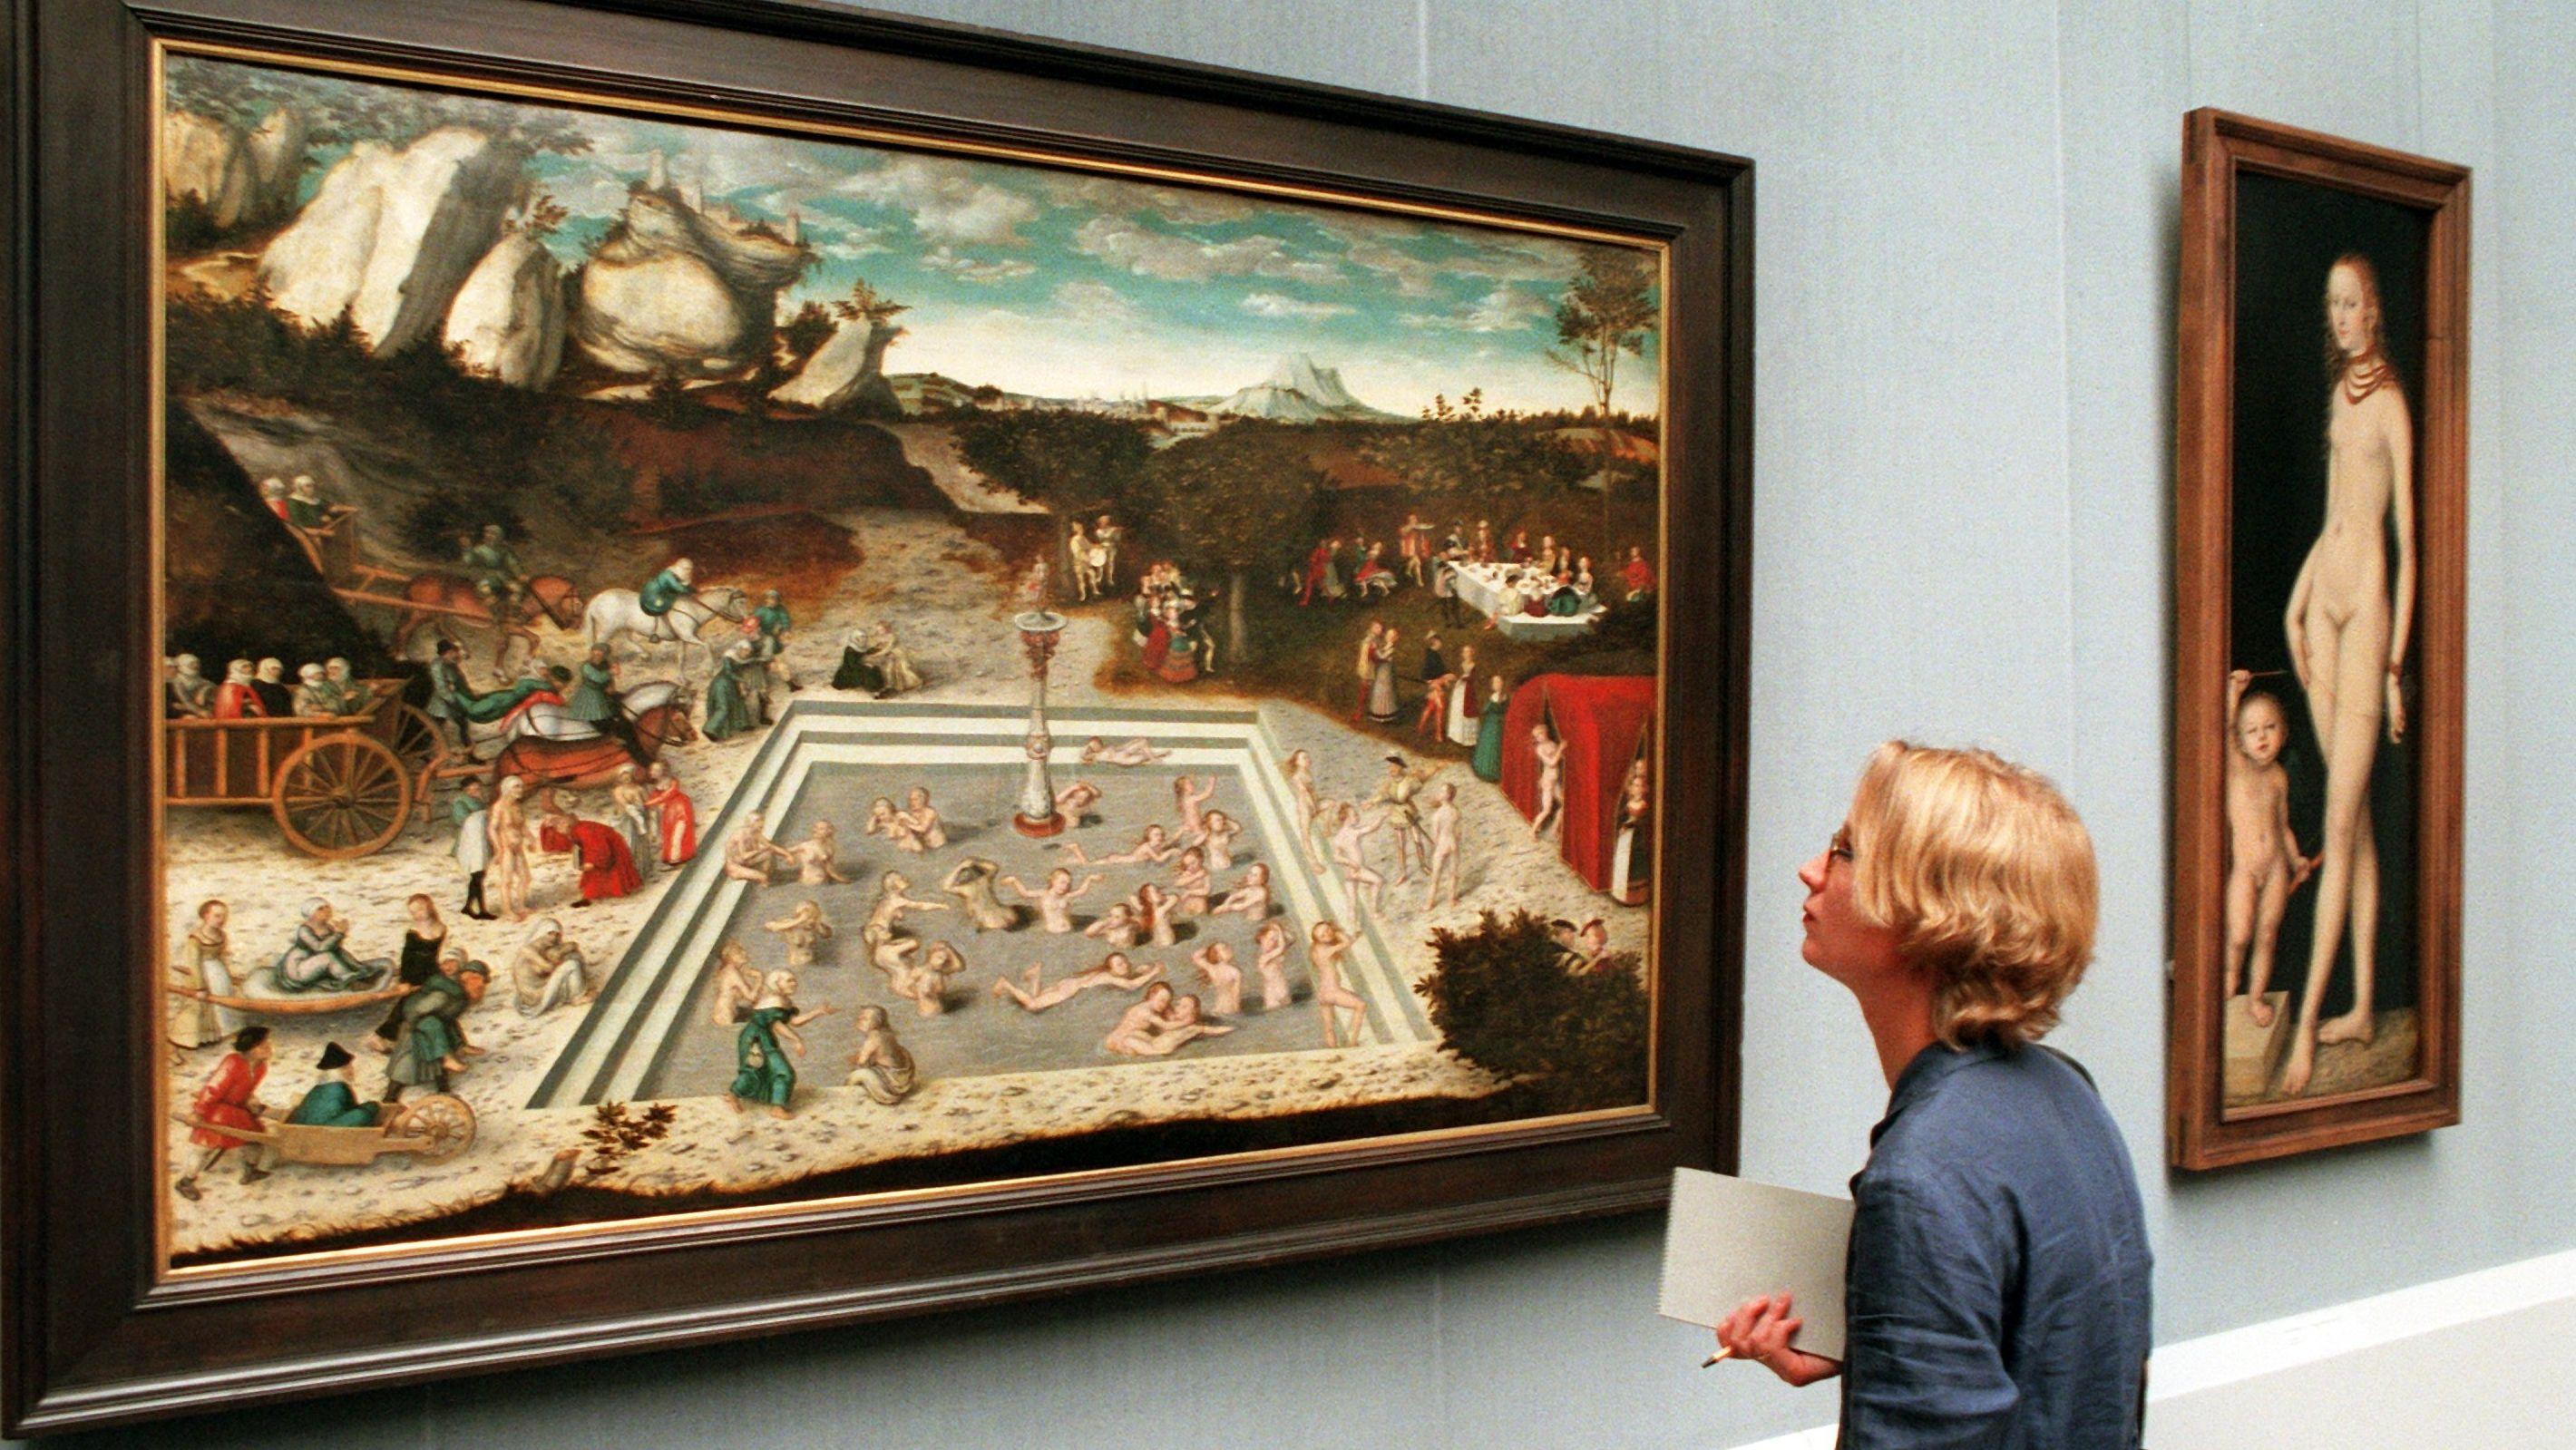 """Alt und gebrechlich werden sie angekarrt und jung entsteigen sie dem Schönheitsbad: Lucas Cranach der Ältere malt den """"Jungbrunnen"""""""